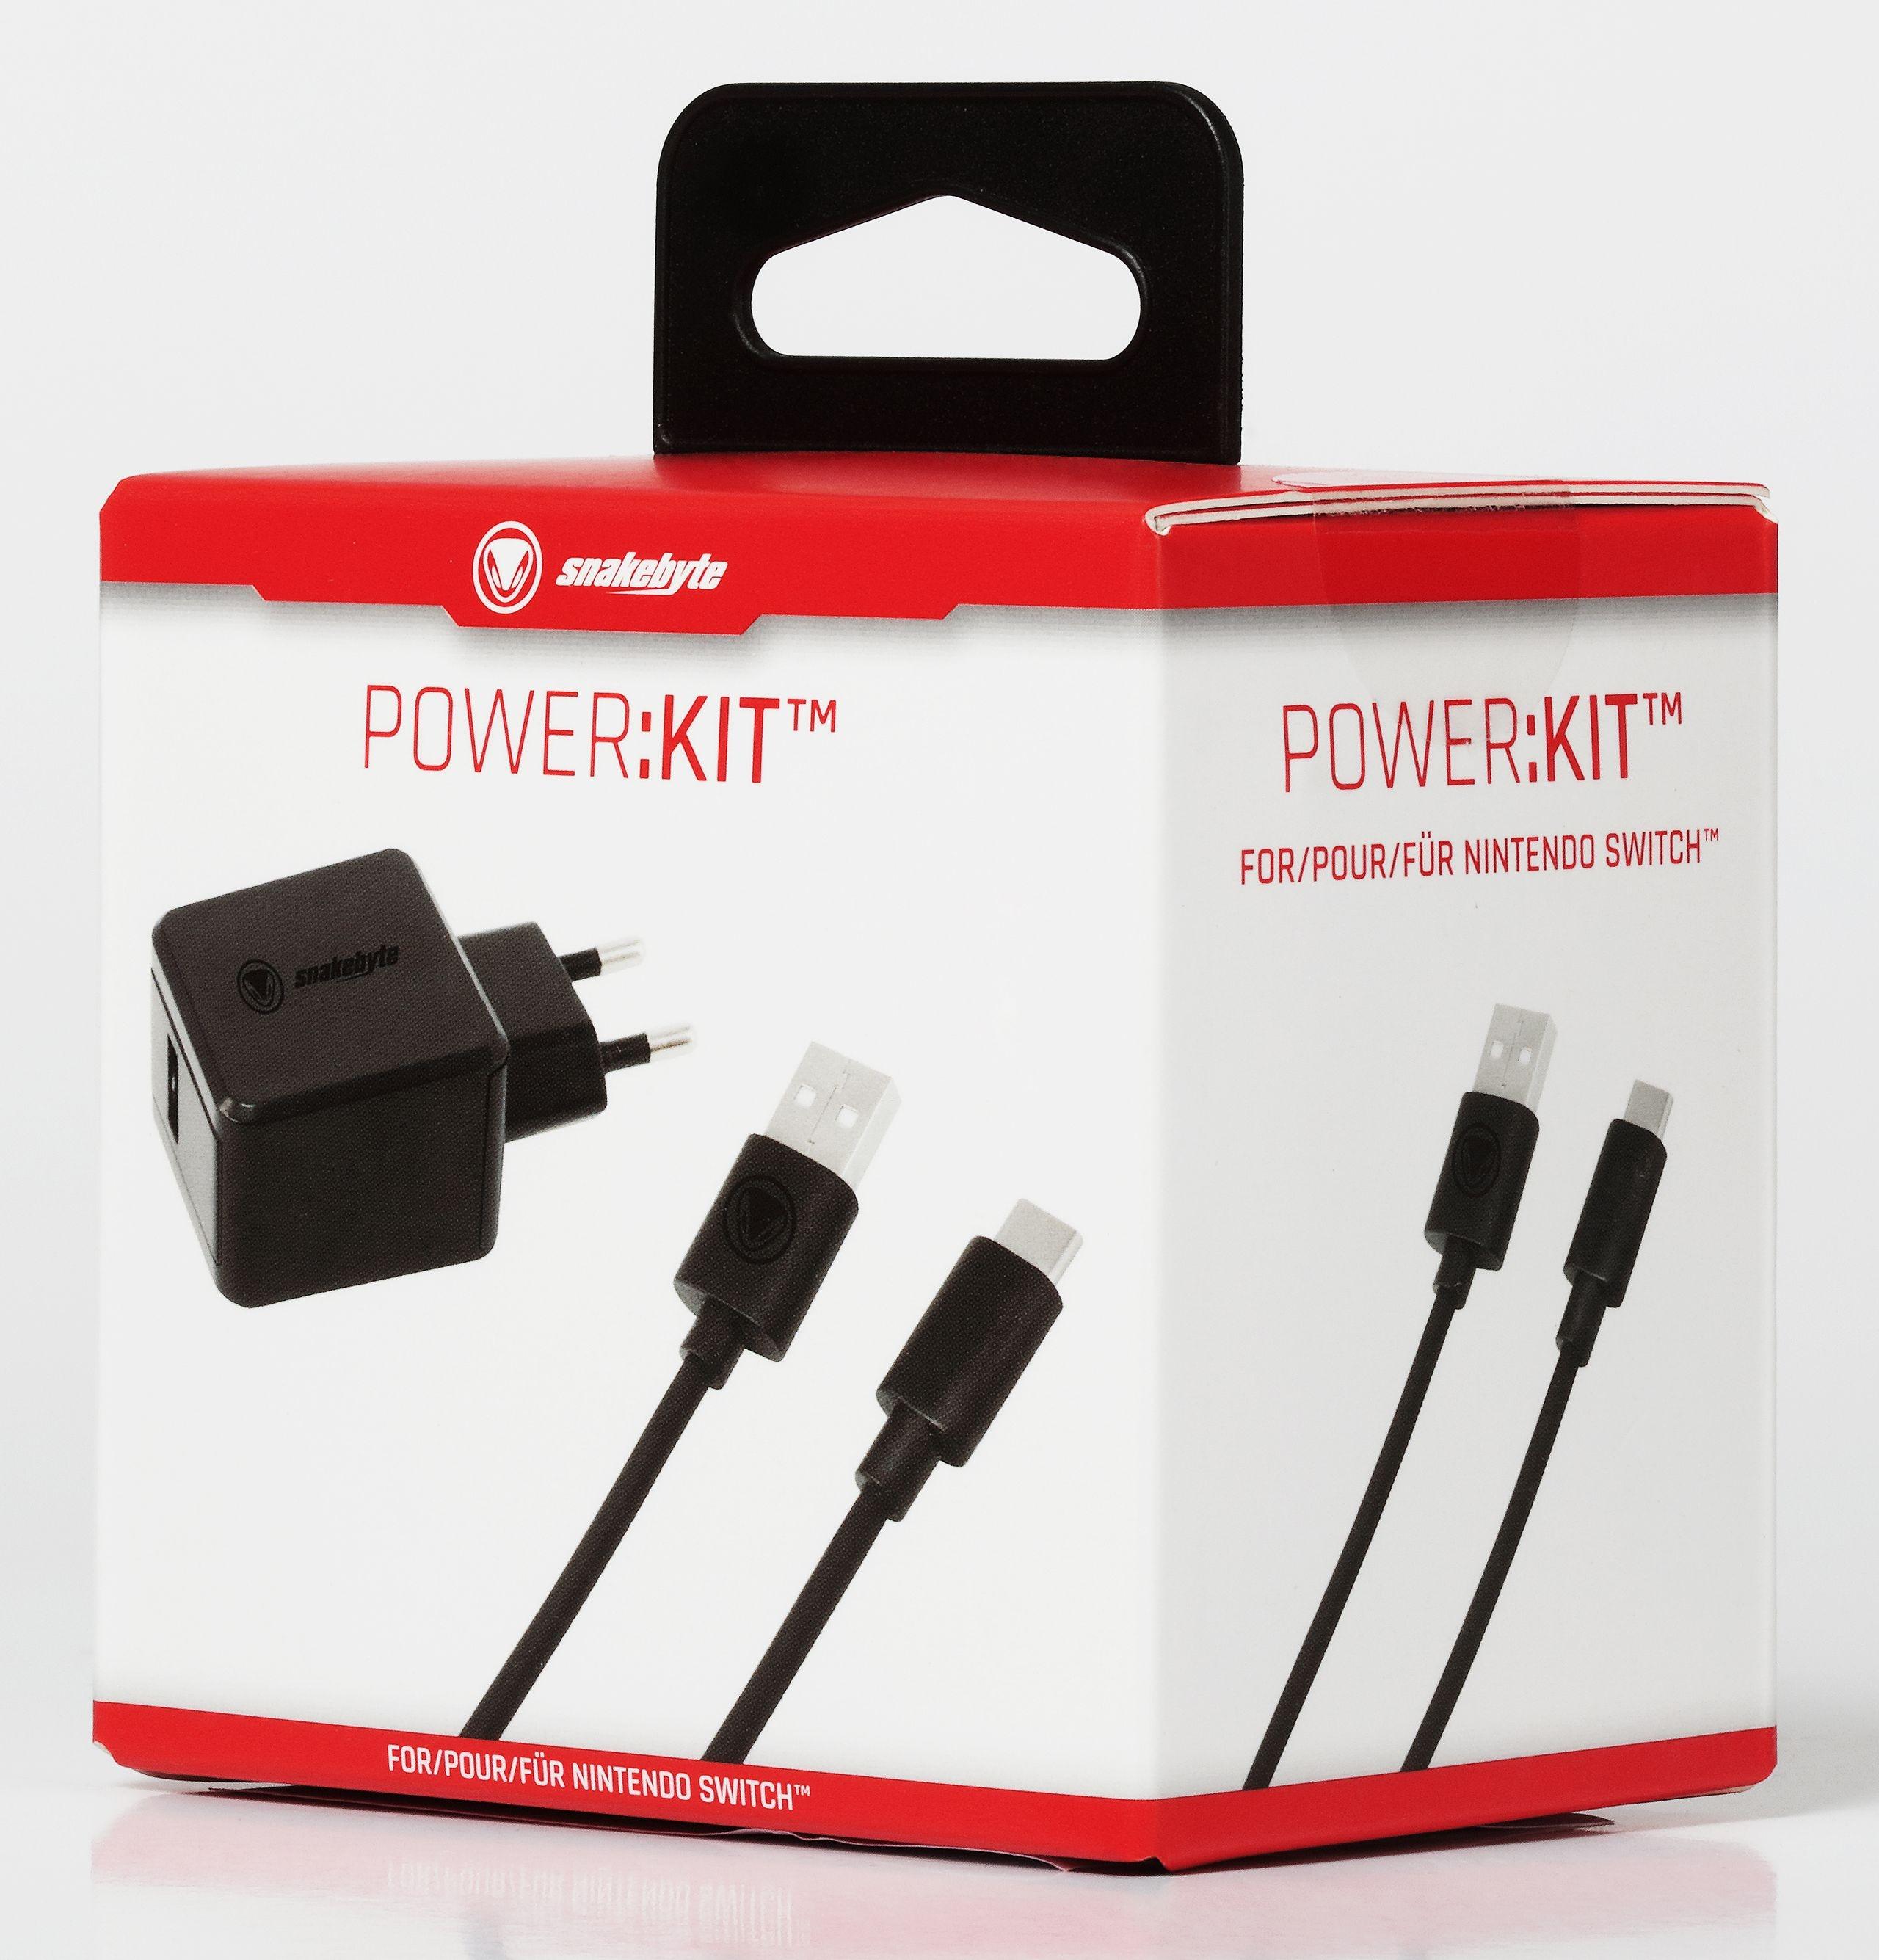 snakebyte ładowarka sieciowa do konsoli Nintendo Switch POWER:KIT EU - 4